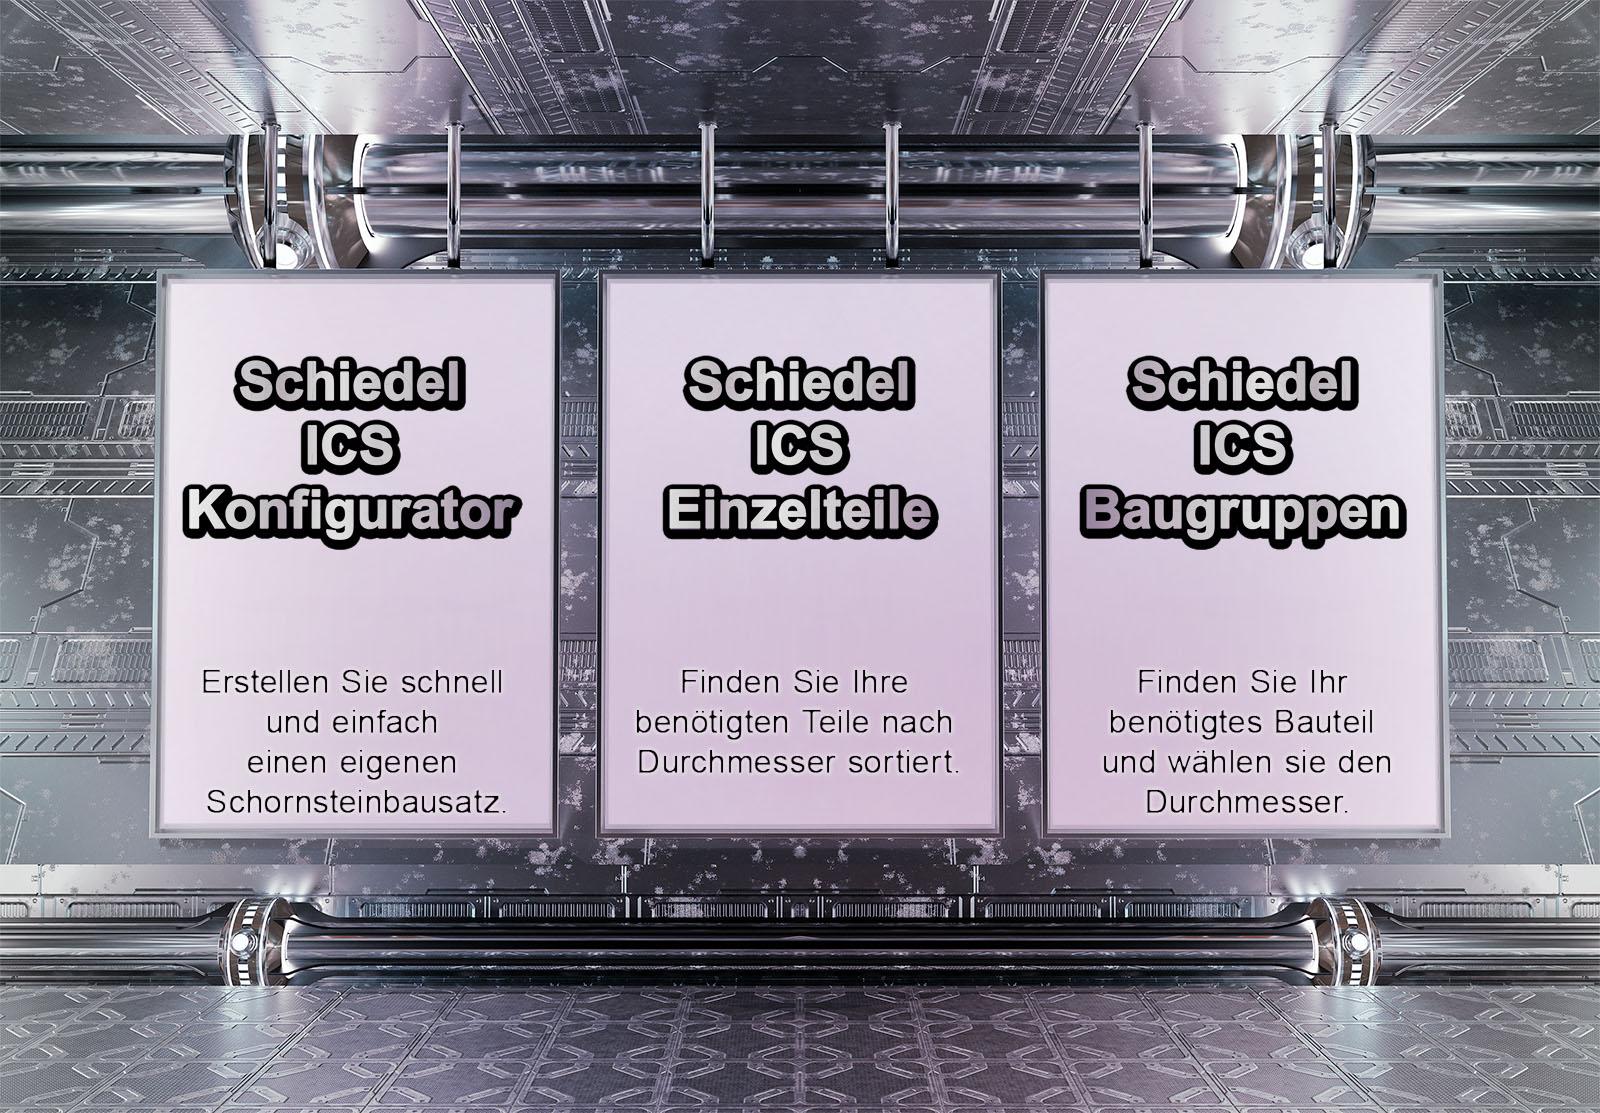 Schiedel ICS